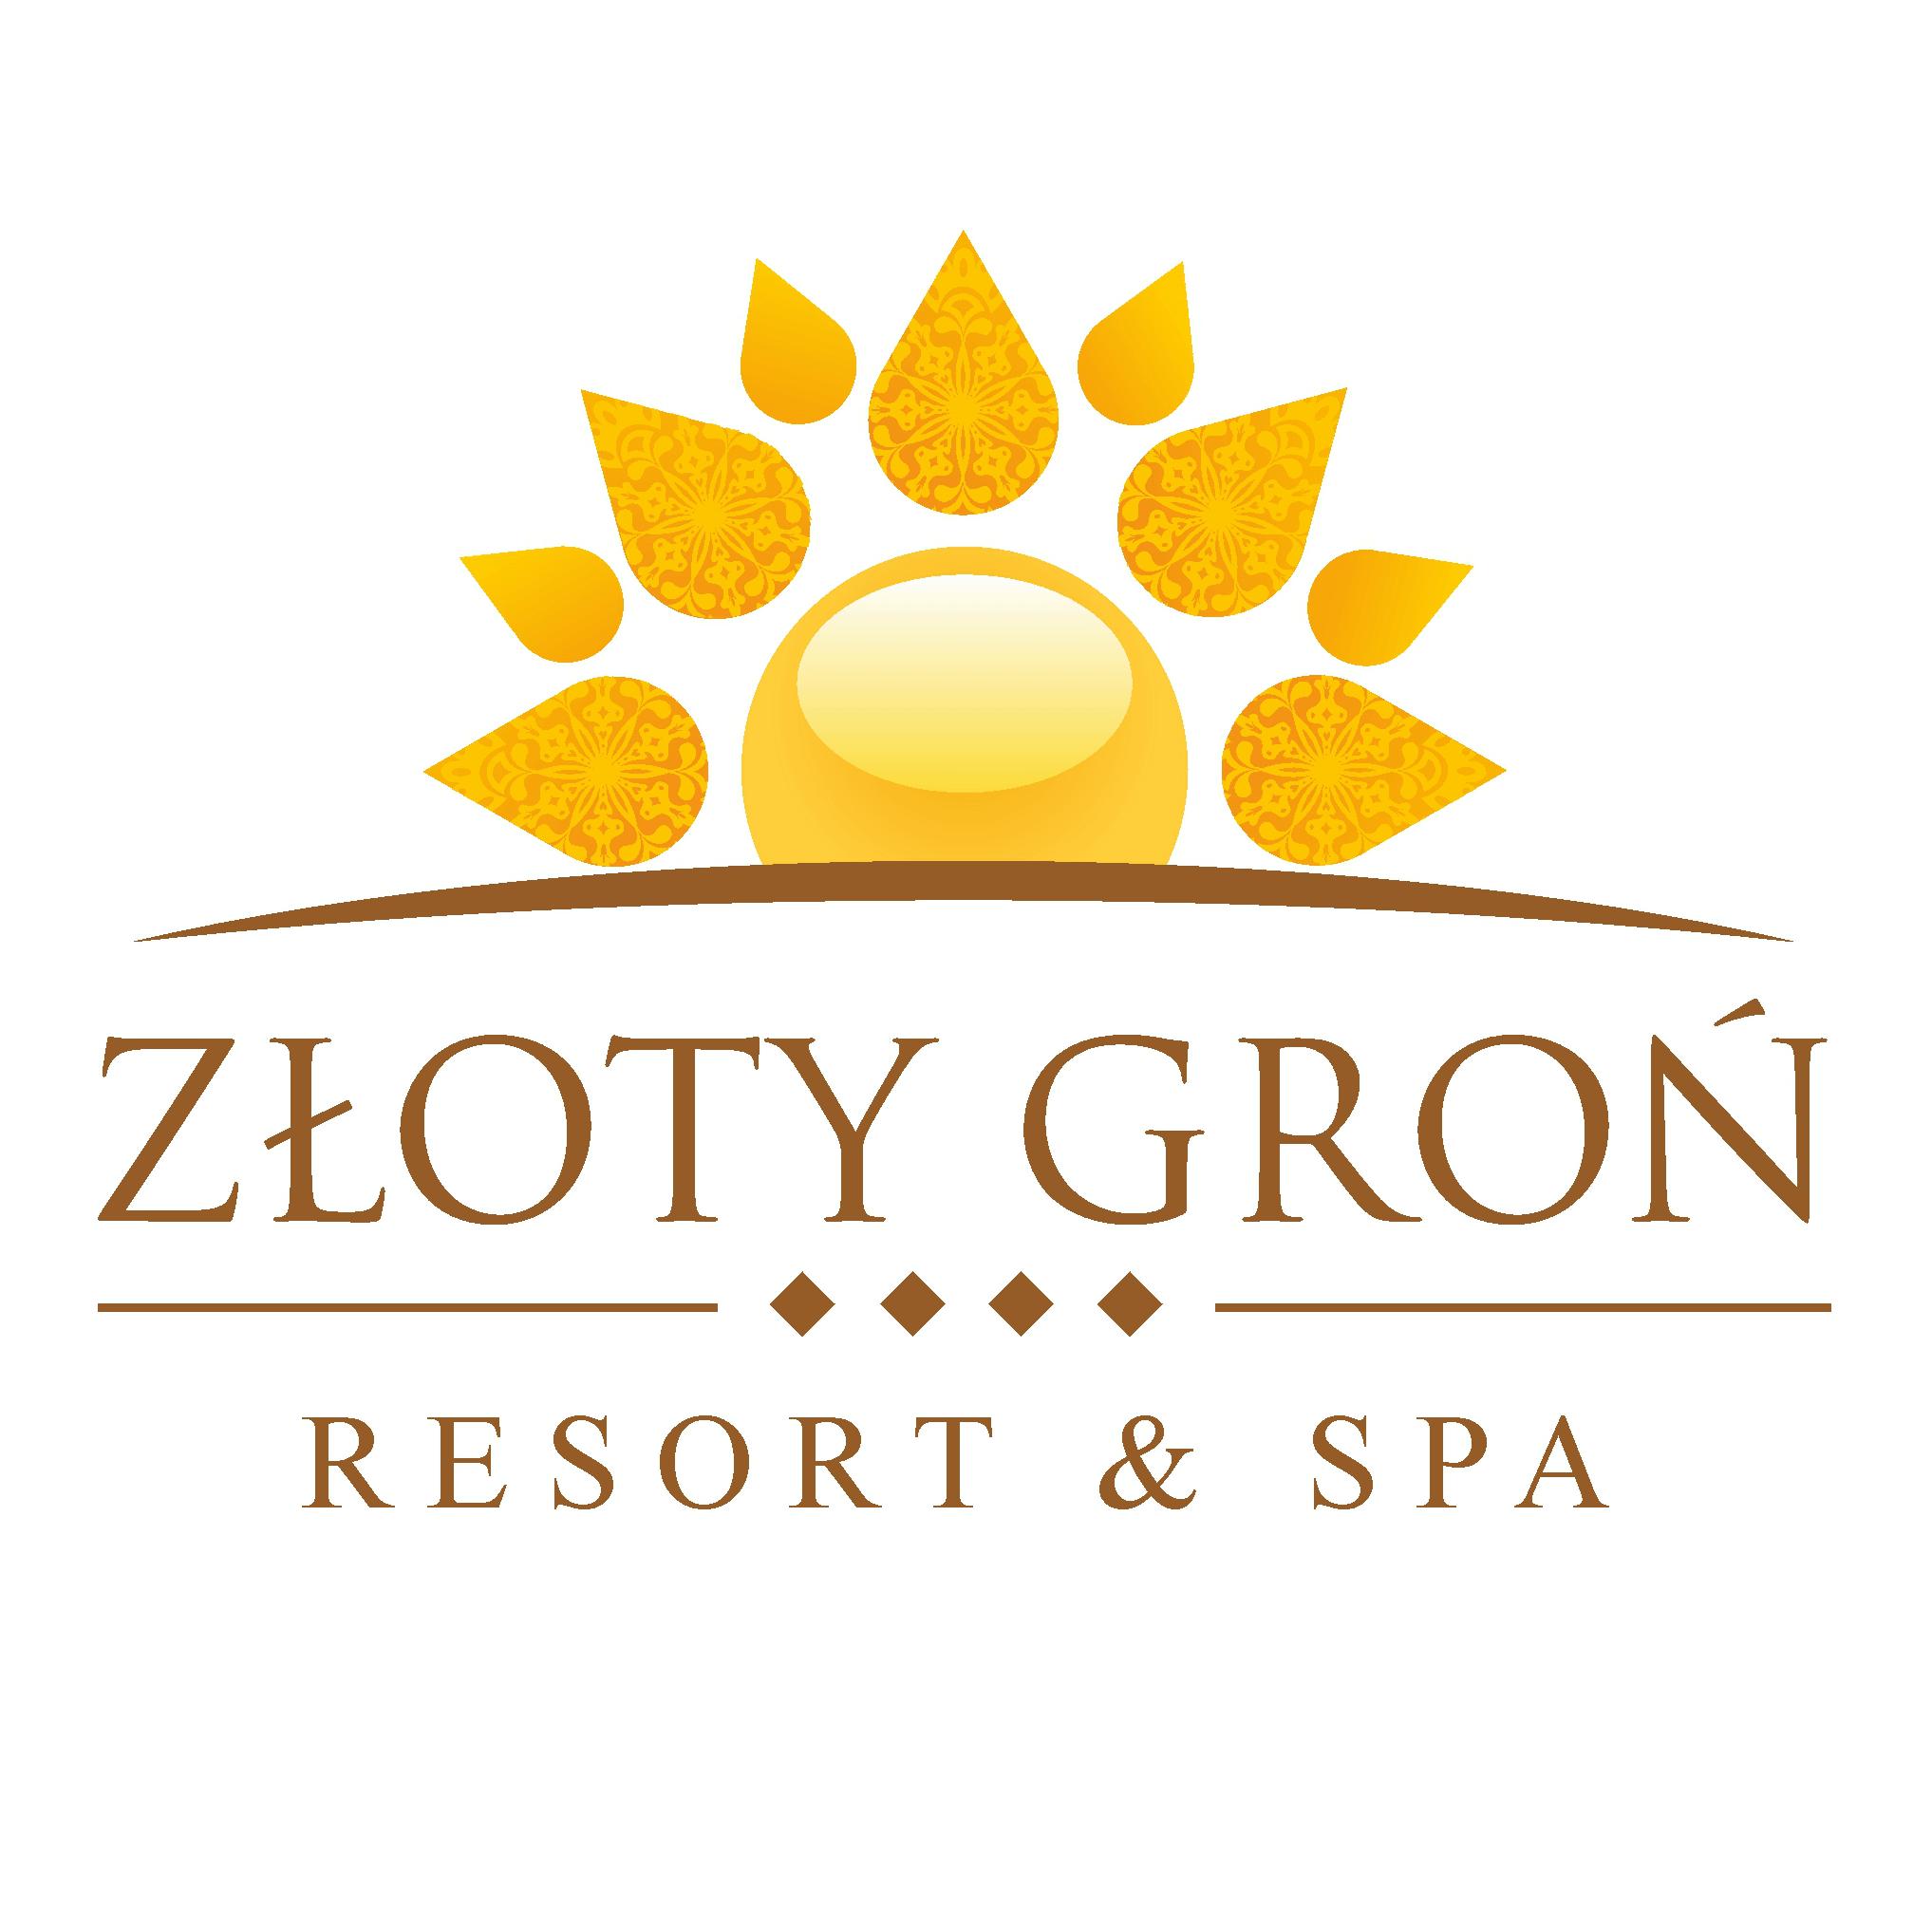 zloty gron logo